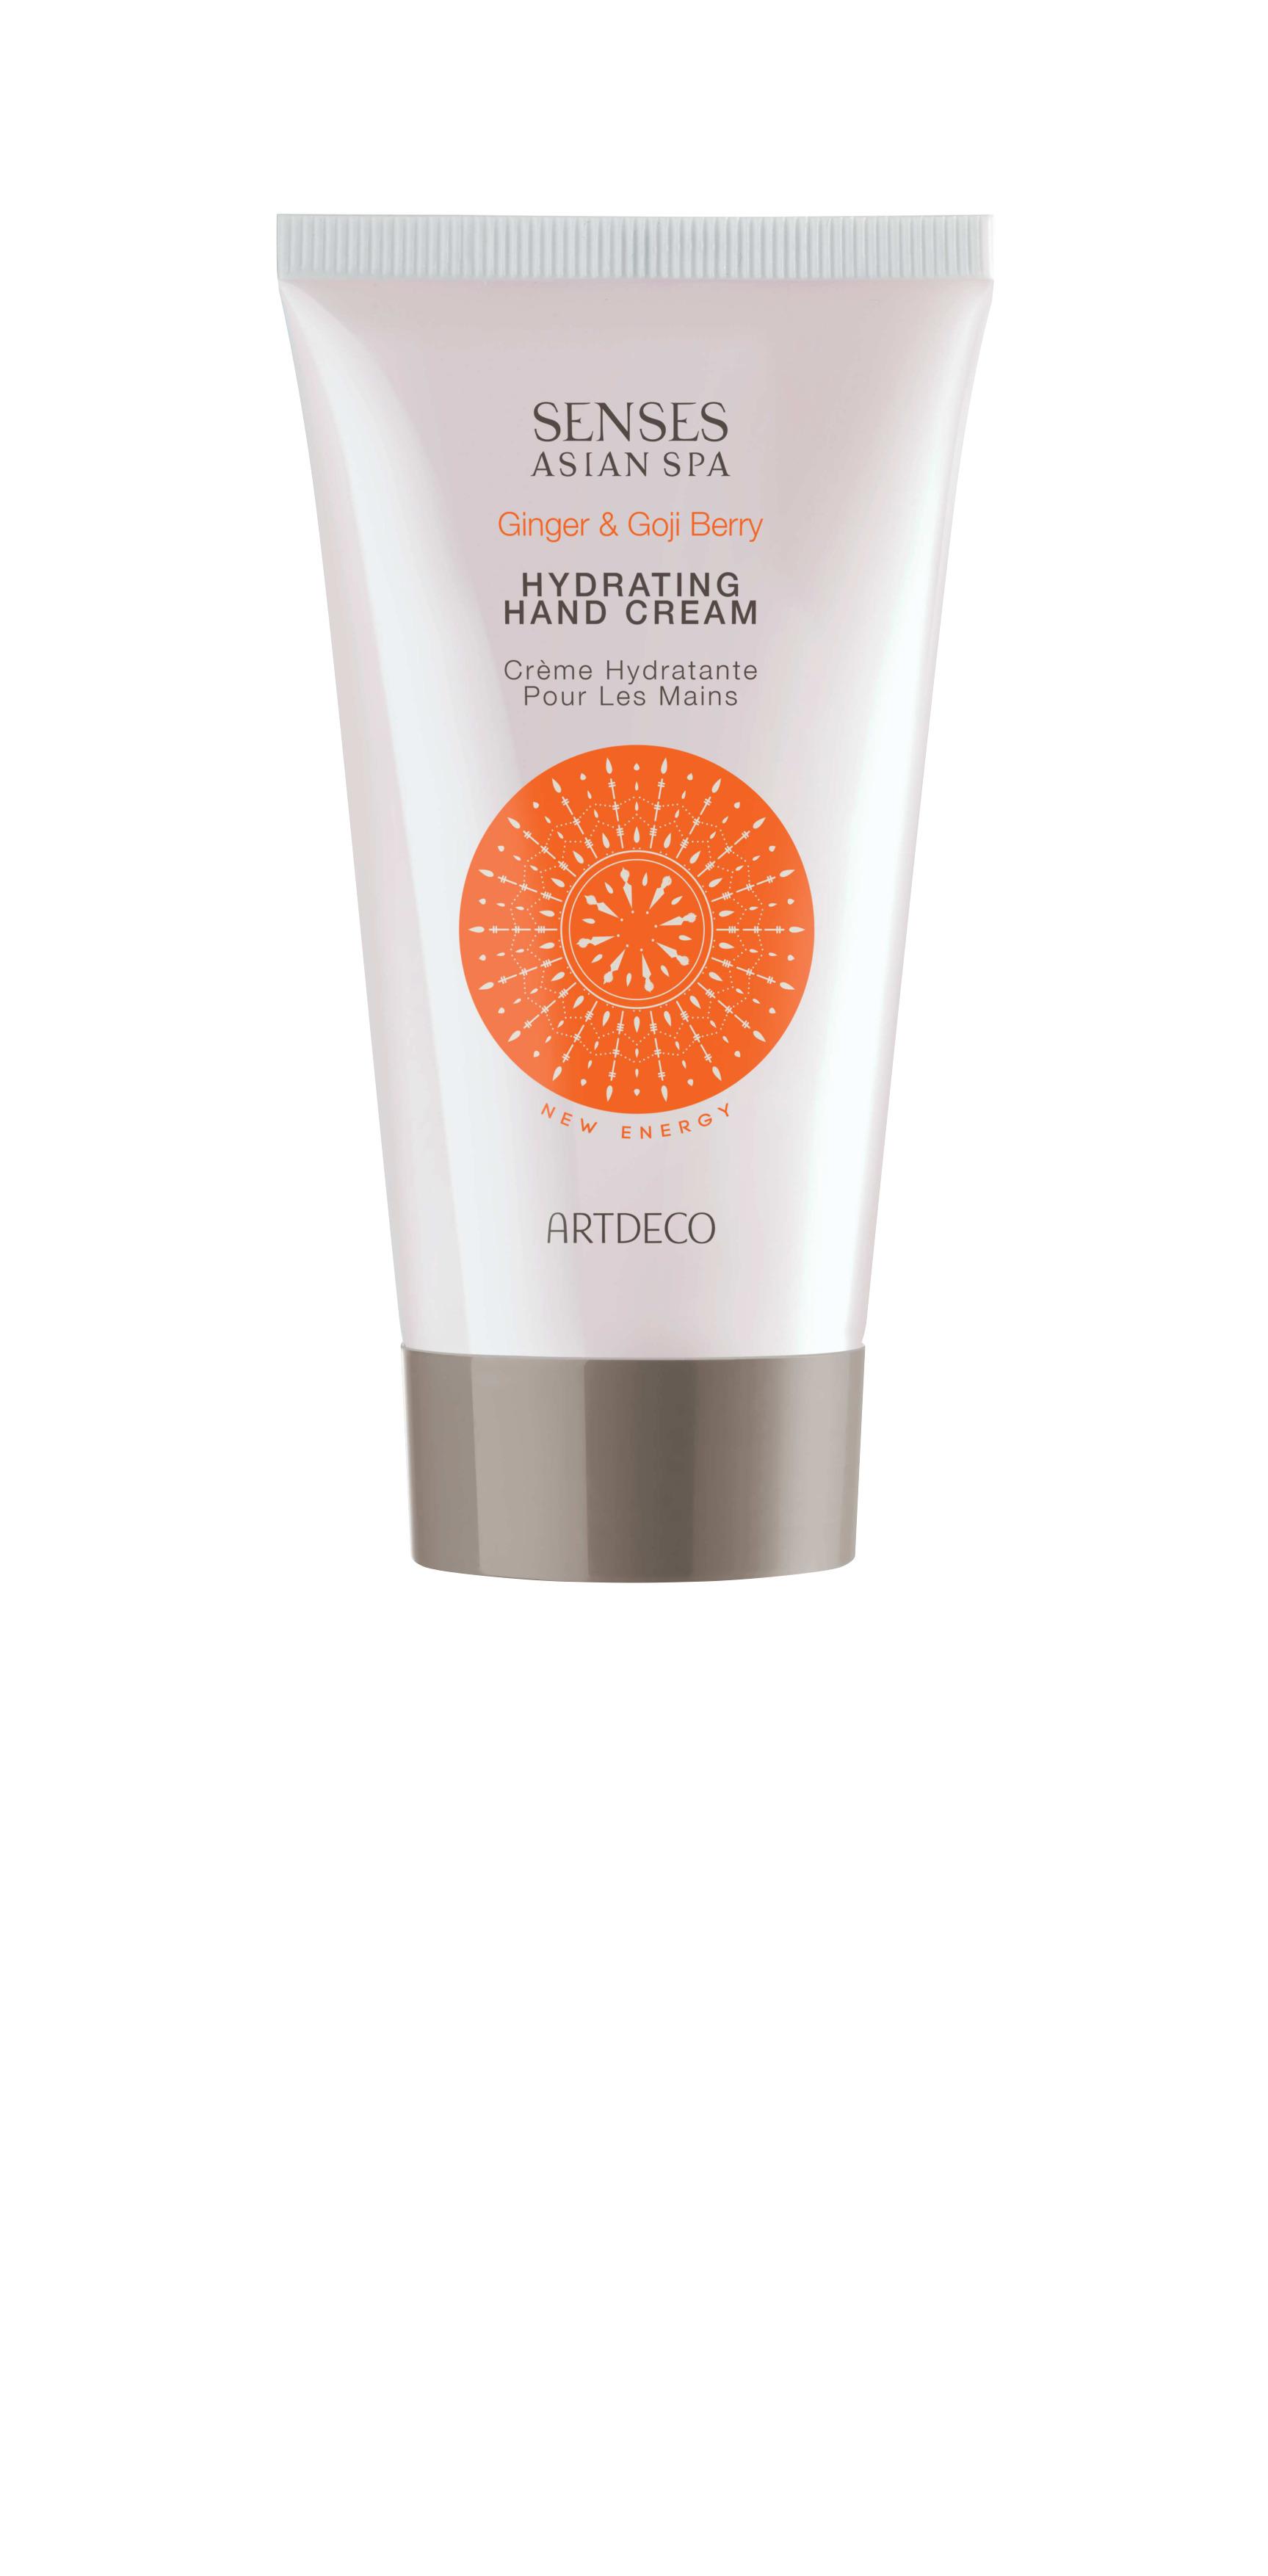 Artdeco крем для рук увлажняющий Hydrating hand cream, new energy, 75 мл10780Длительный увлажняющий эффектПитает кожу, смягчаетУхаживает за кутикулой